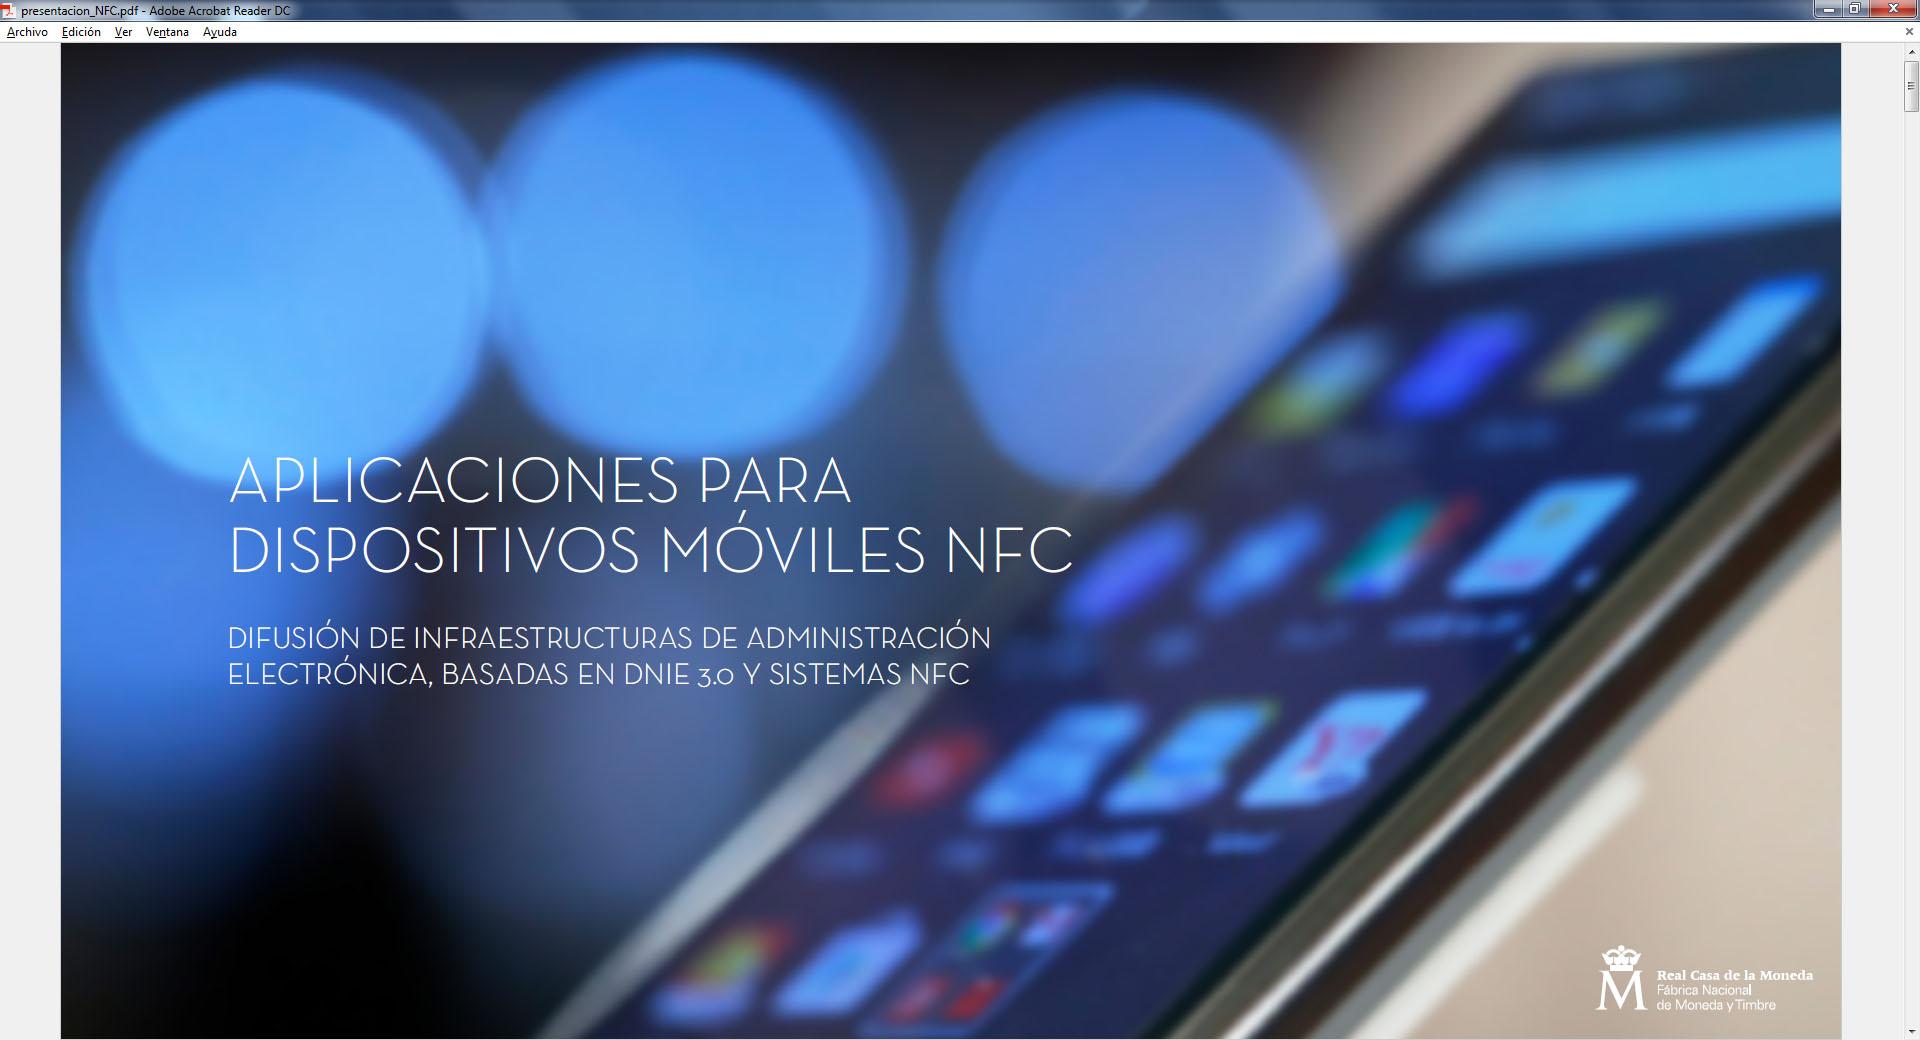 Abre ventana nueva. Aplicaciones para dispositivos NFC